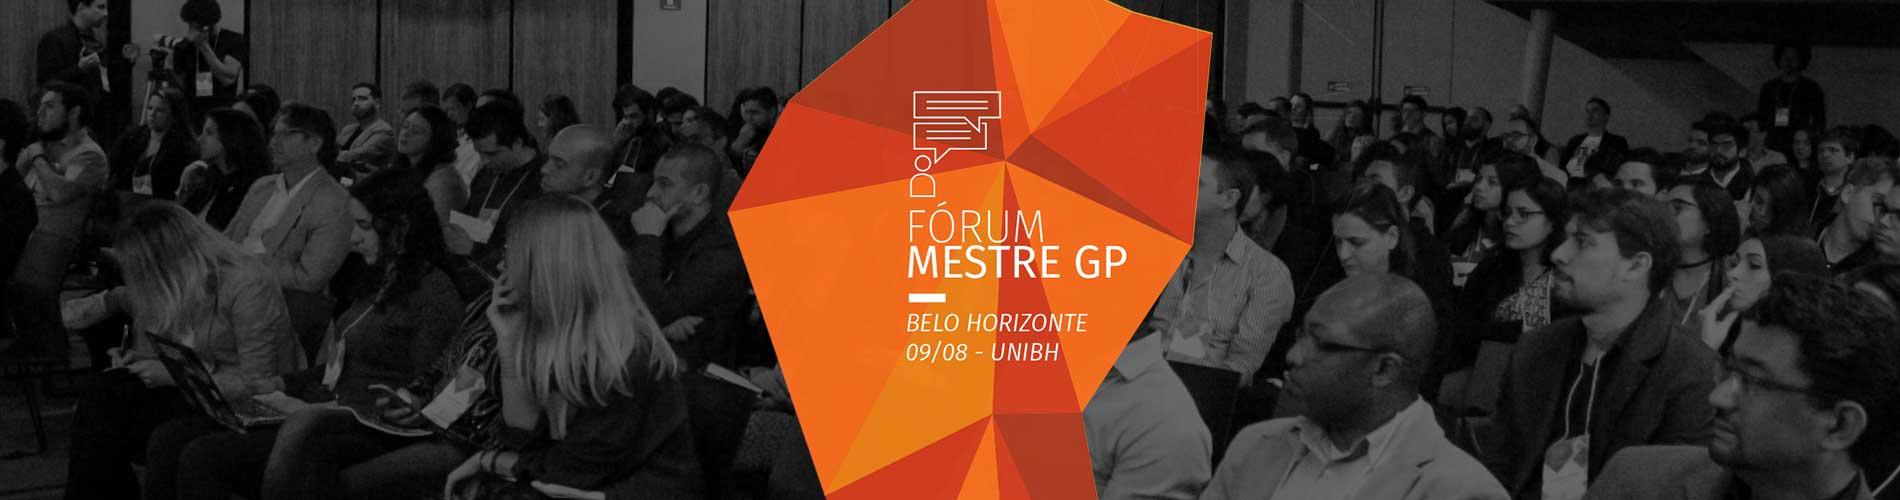 forum-mestre-gp-bh-inscricoes-abertas-com-desconto-especial